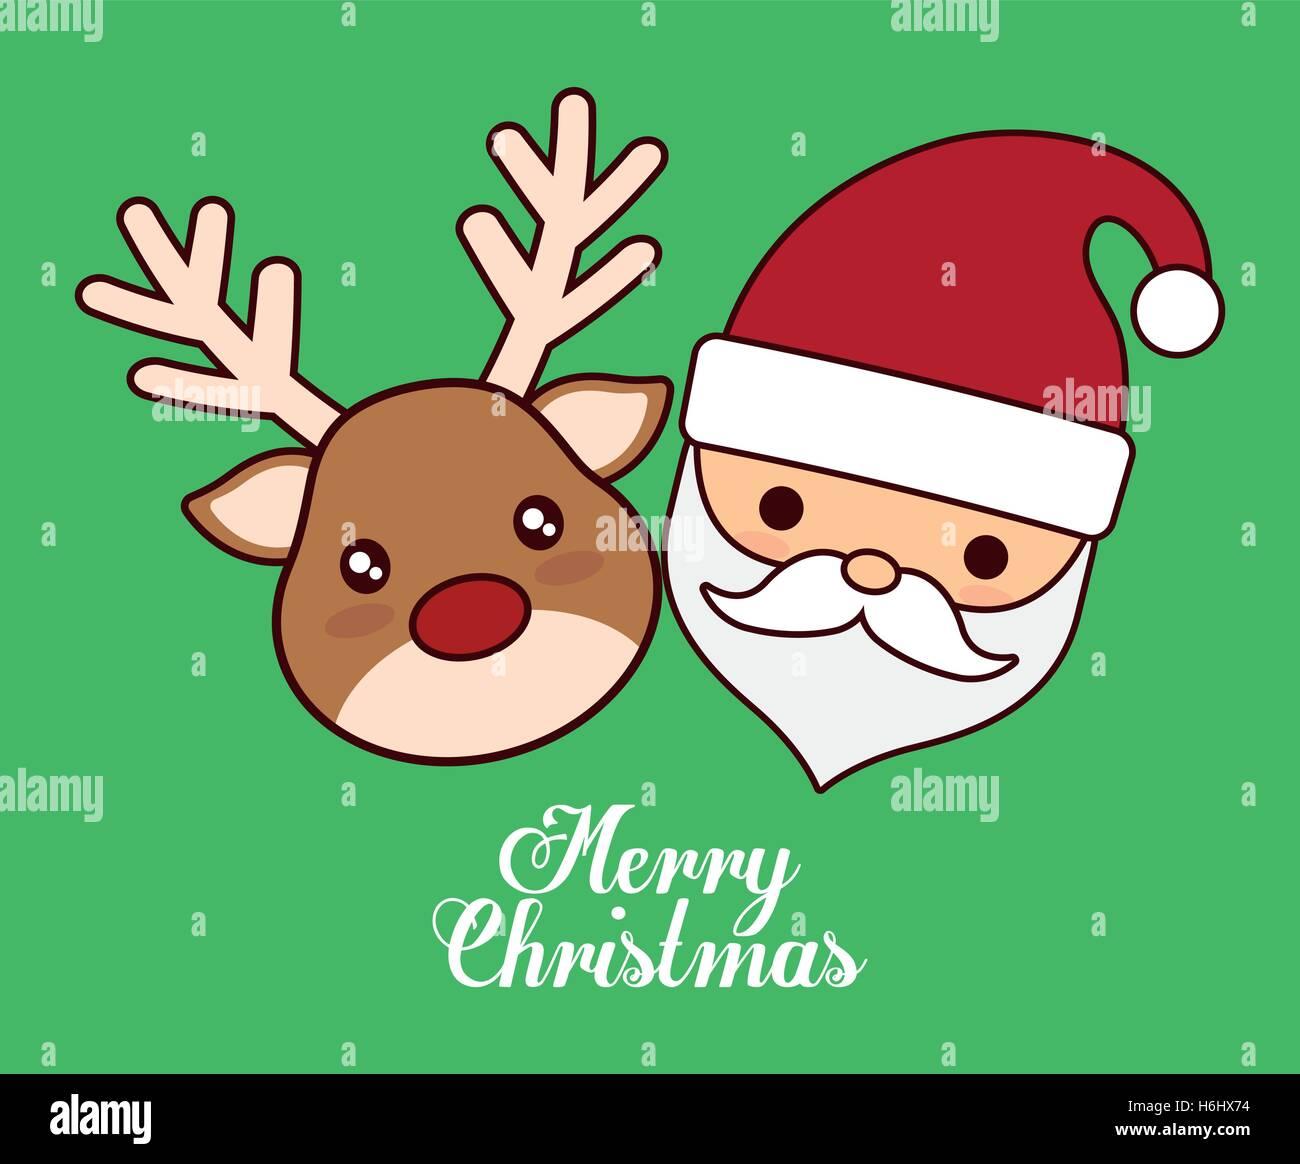 Immagini Natalizie Kawaii.Kawaii Santa E Icona Di Renne Stagione Di Natale Decorazione E La